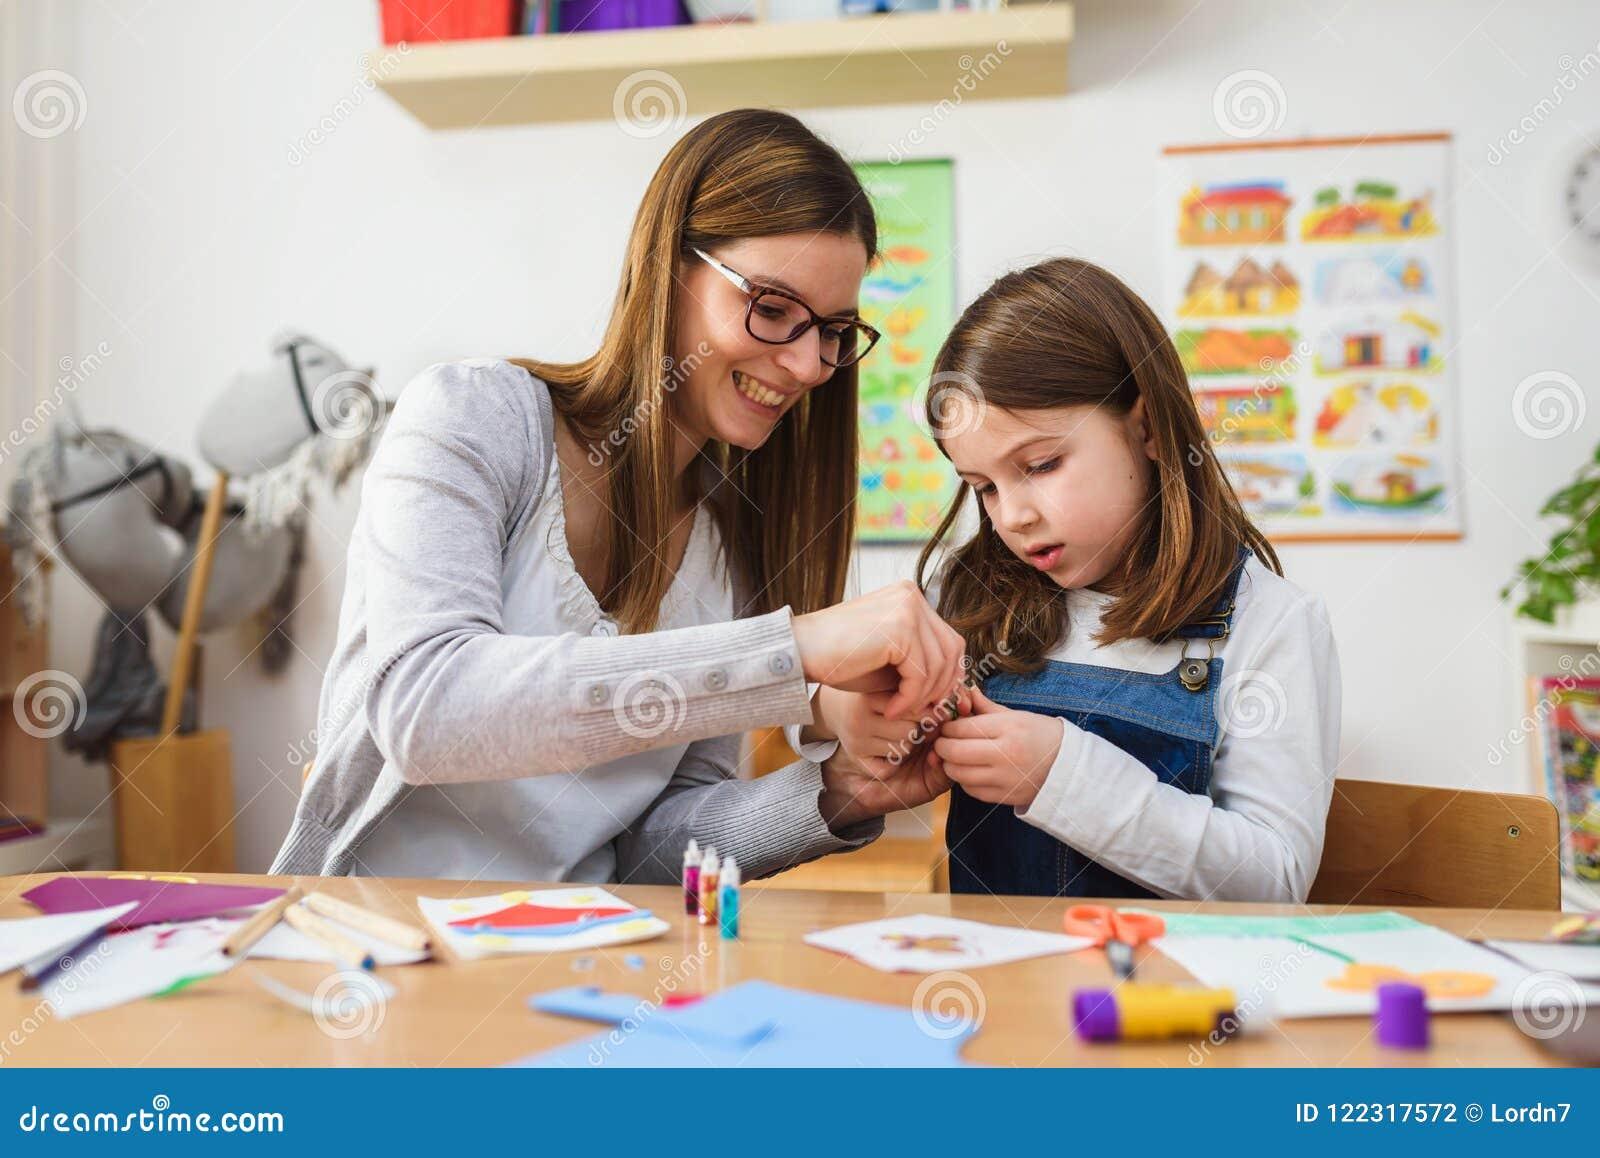 Preschool teacher with child at Kindergarten - Creative Art Class